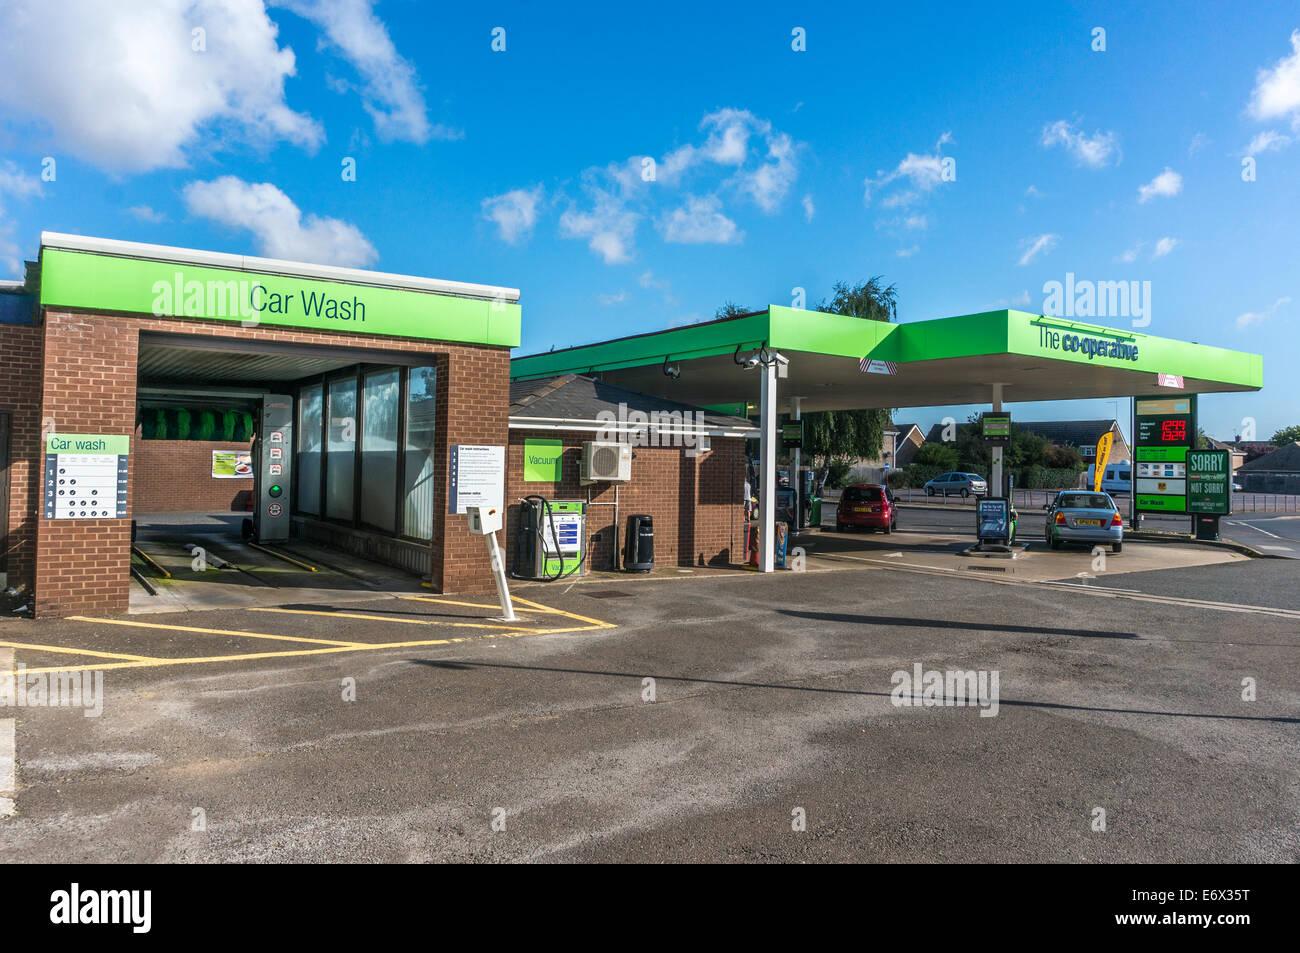 Gas Station With Car Wash Near My Location